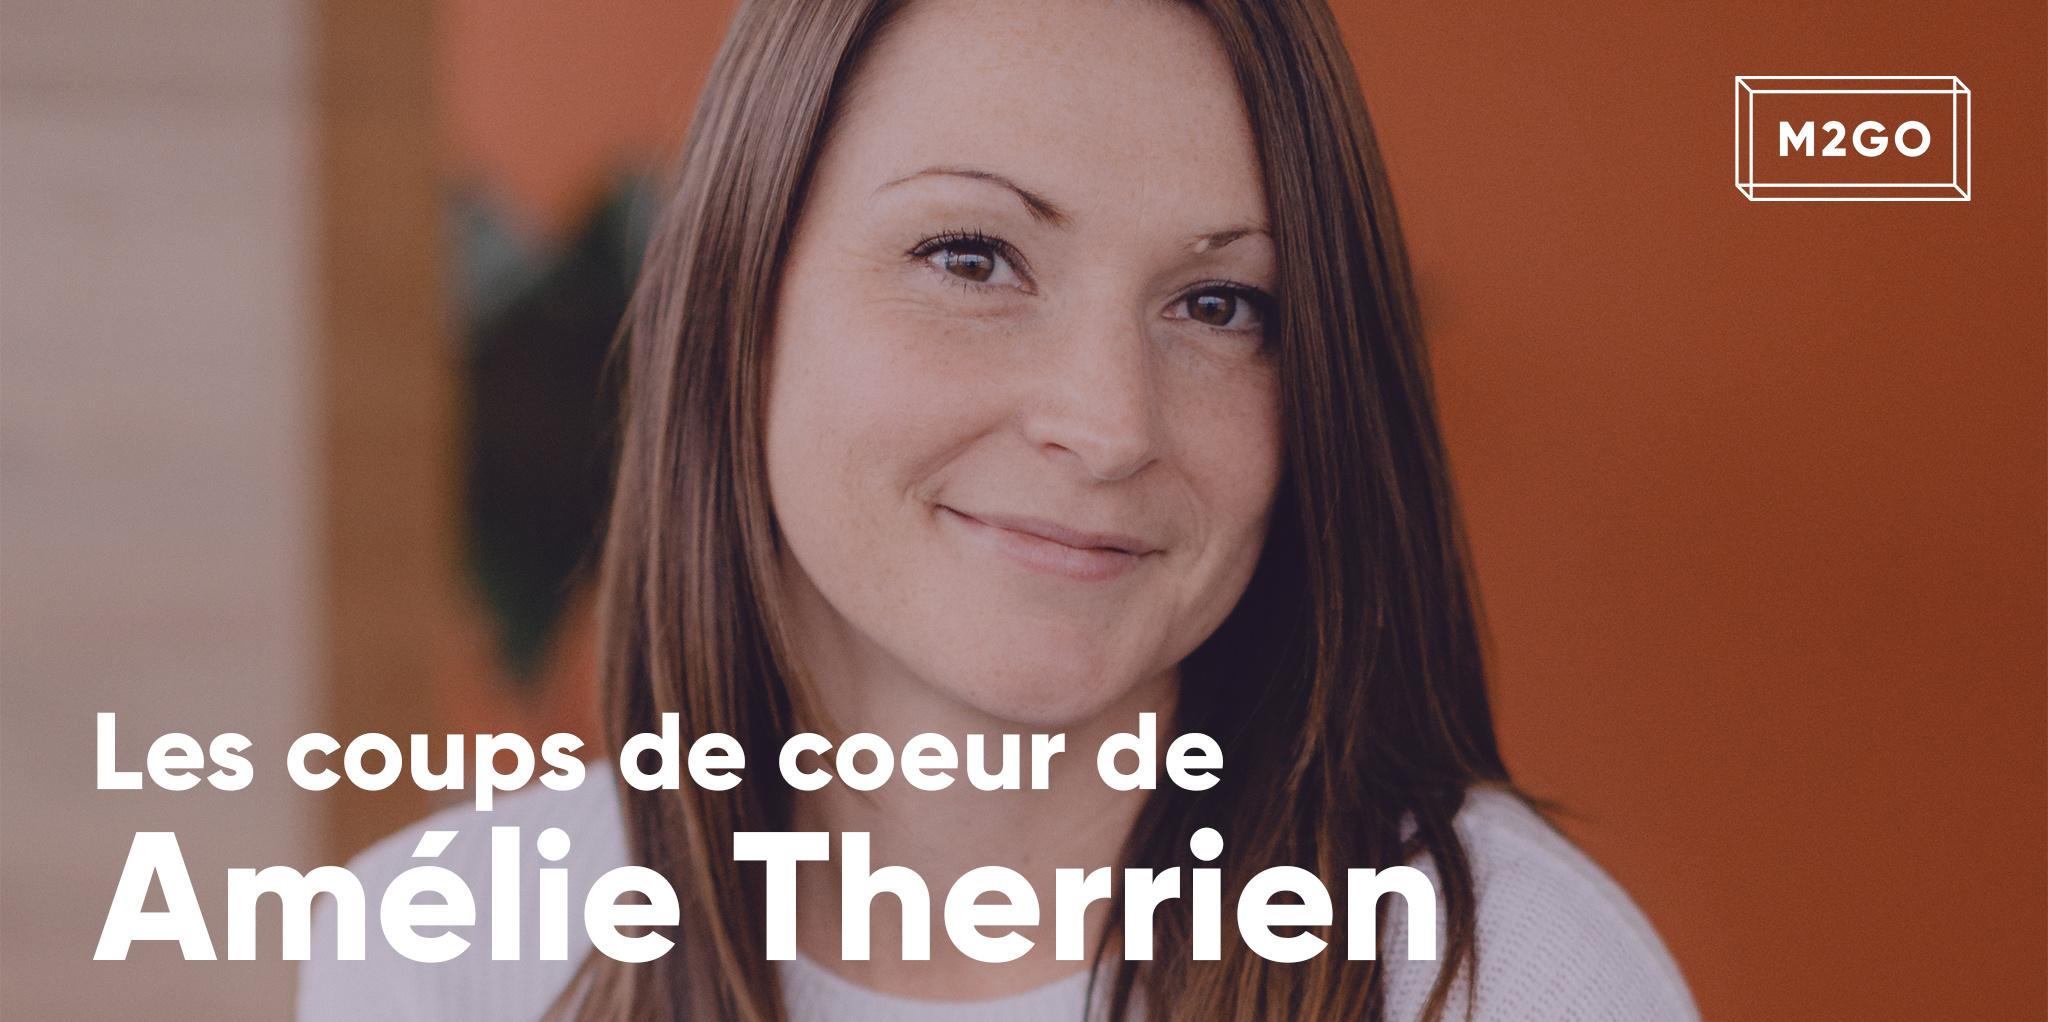 Les coups de coeur d'Amélie Therrien